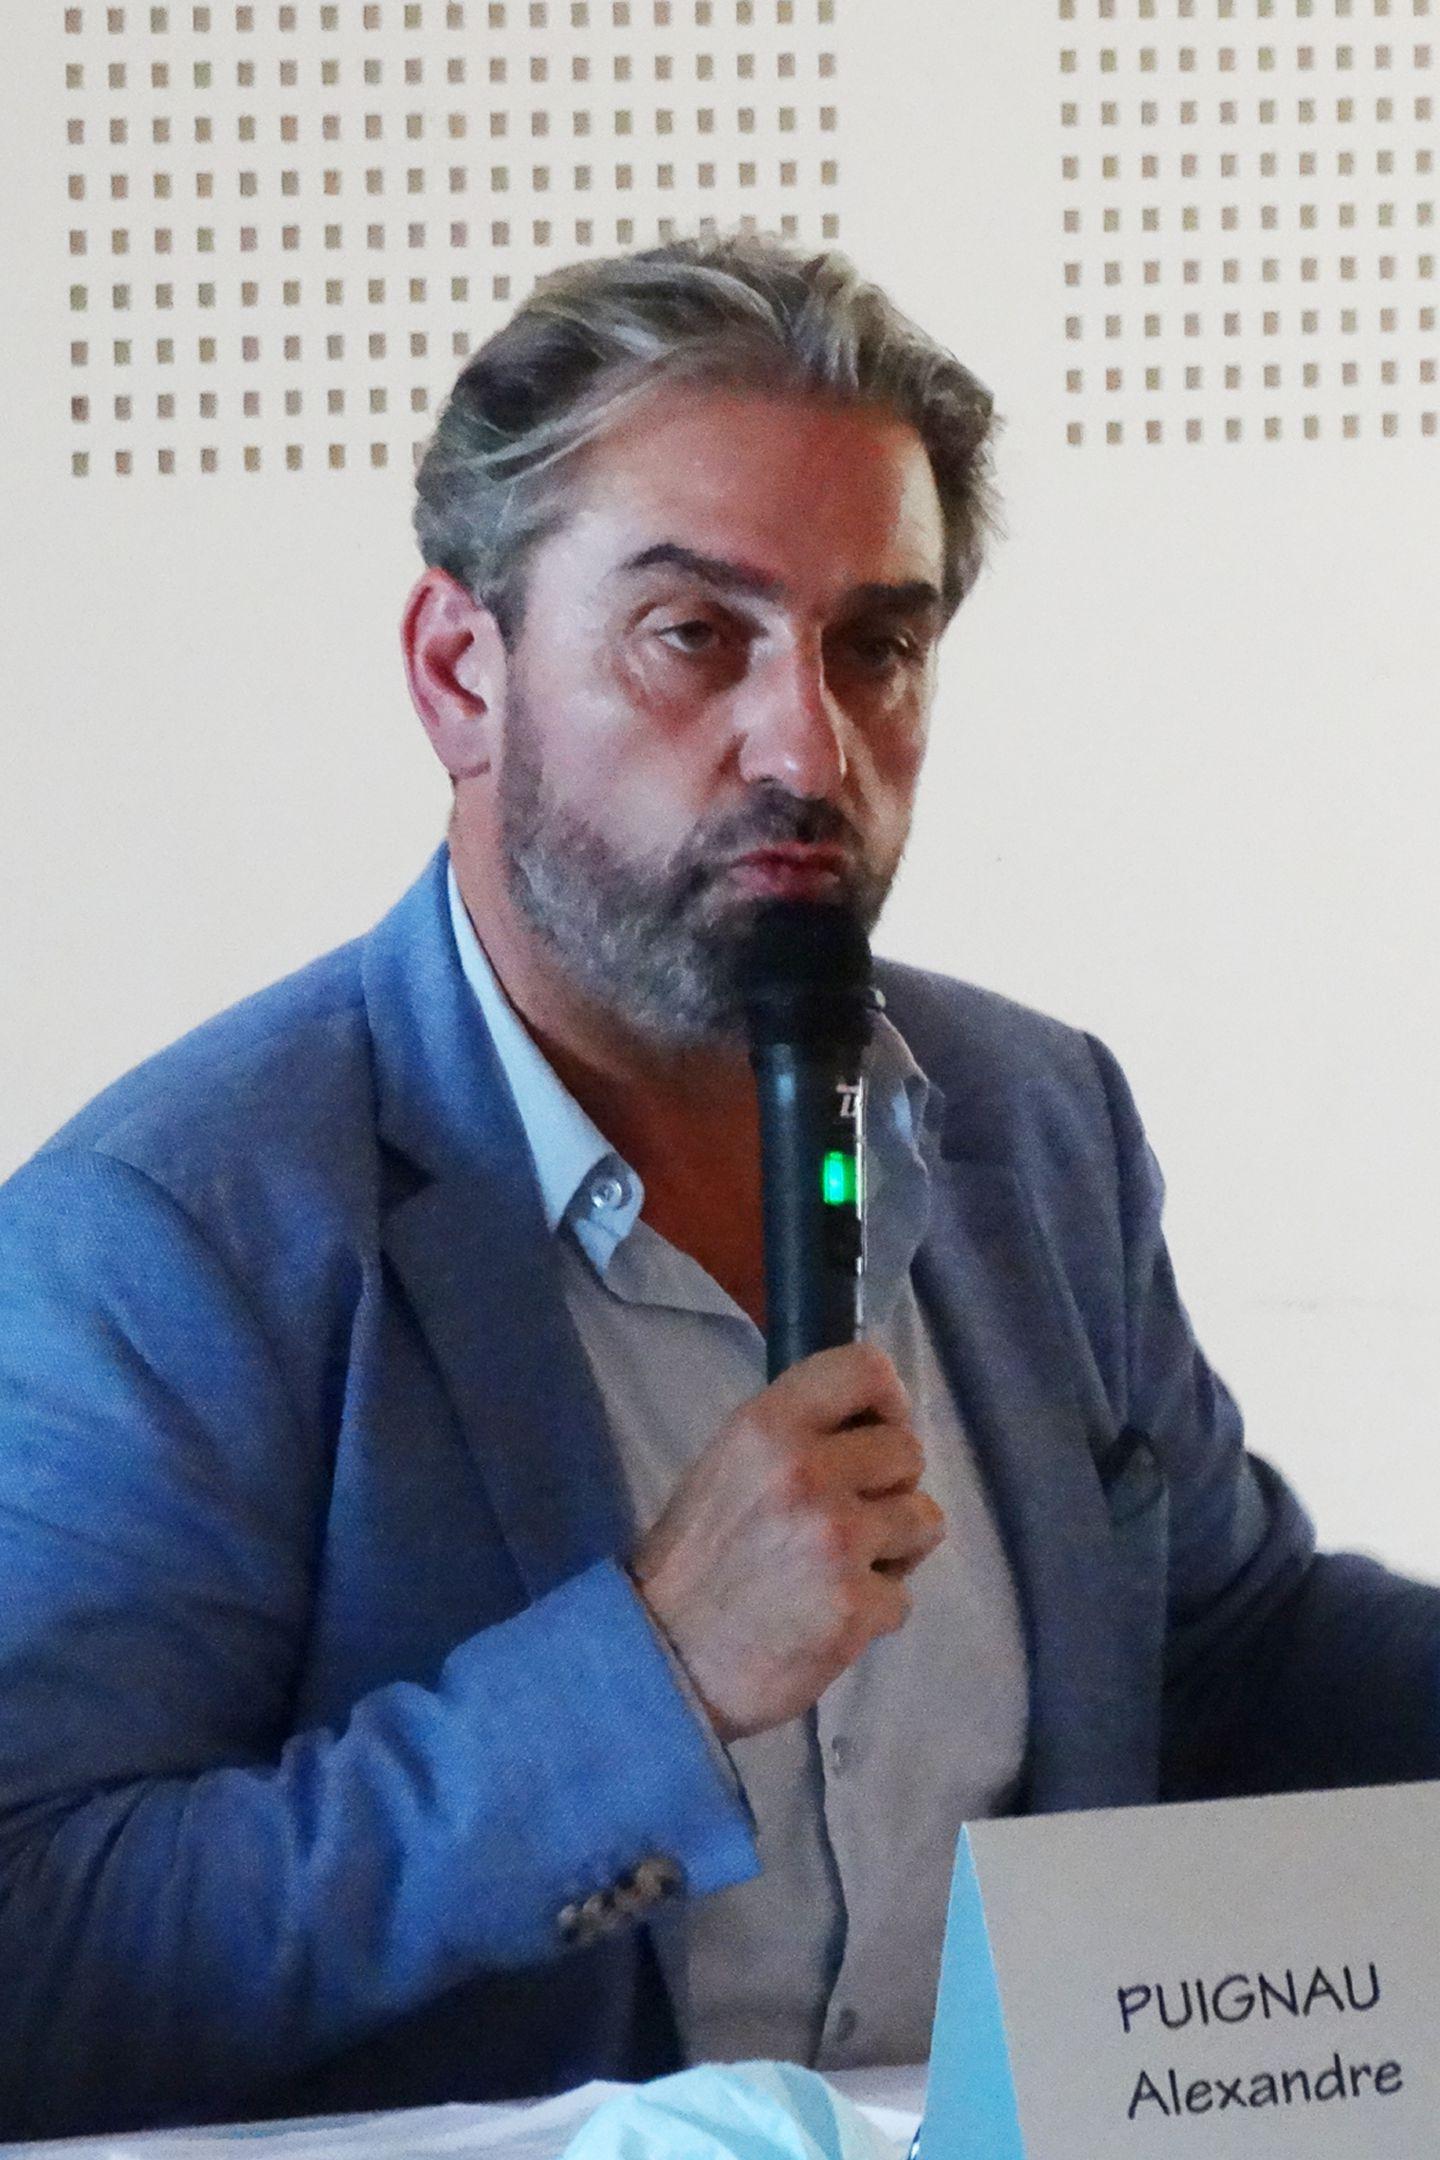 alexandre-puignau